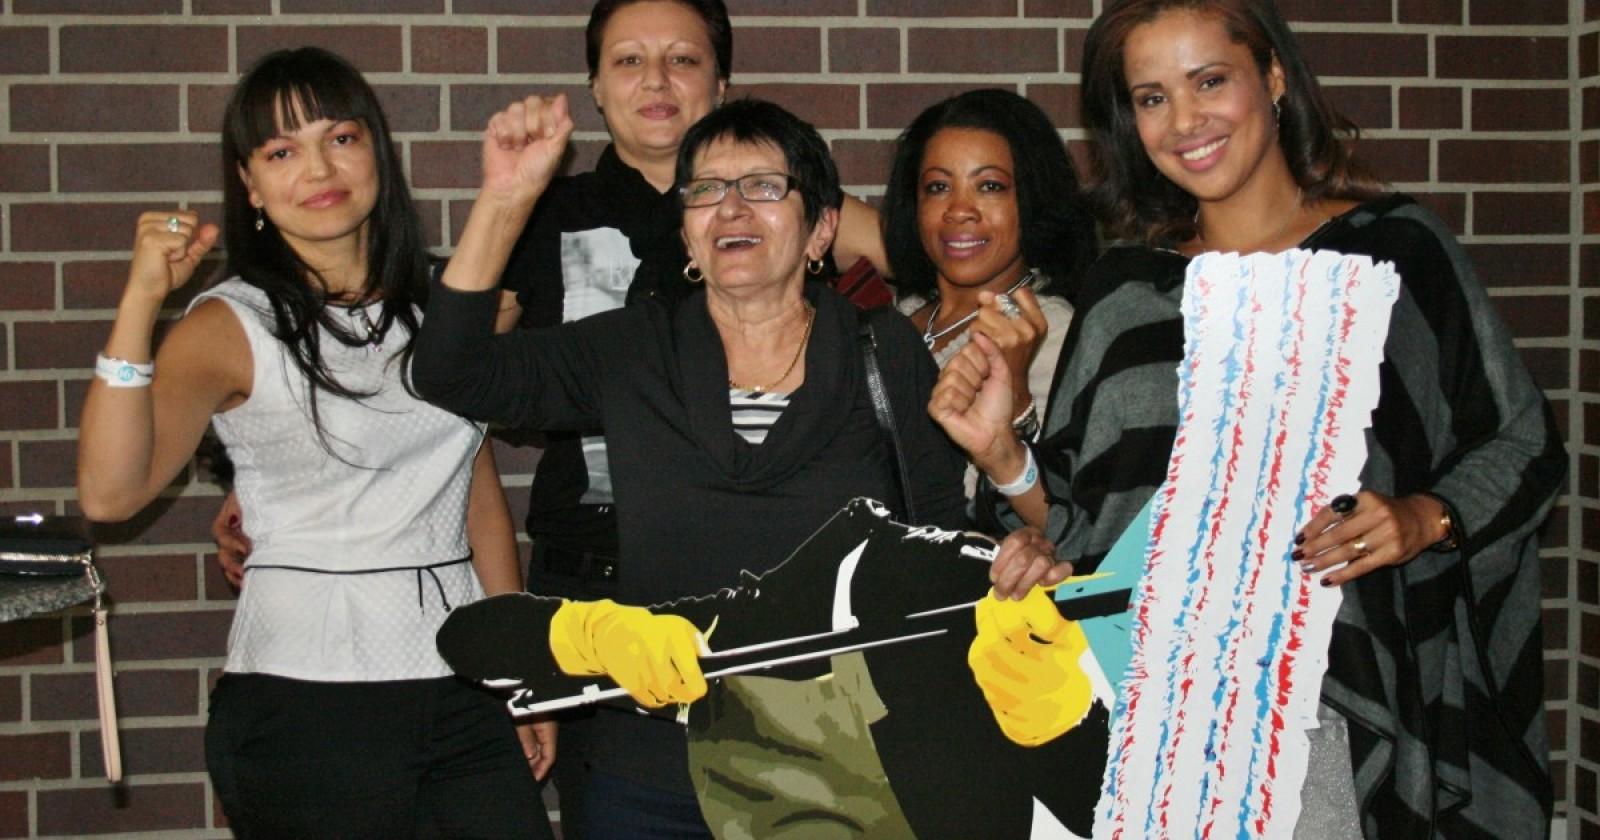 Überraschung zum 90-jährigen Firmenjubiläum. Kolleginnen von Gegenbauer fordern richtiges Angebot von Arbeitgebern